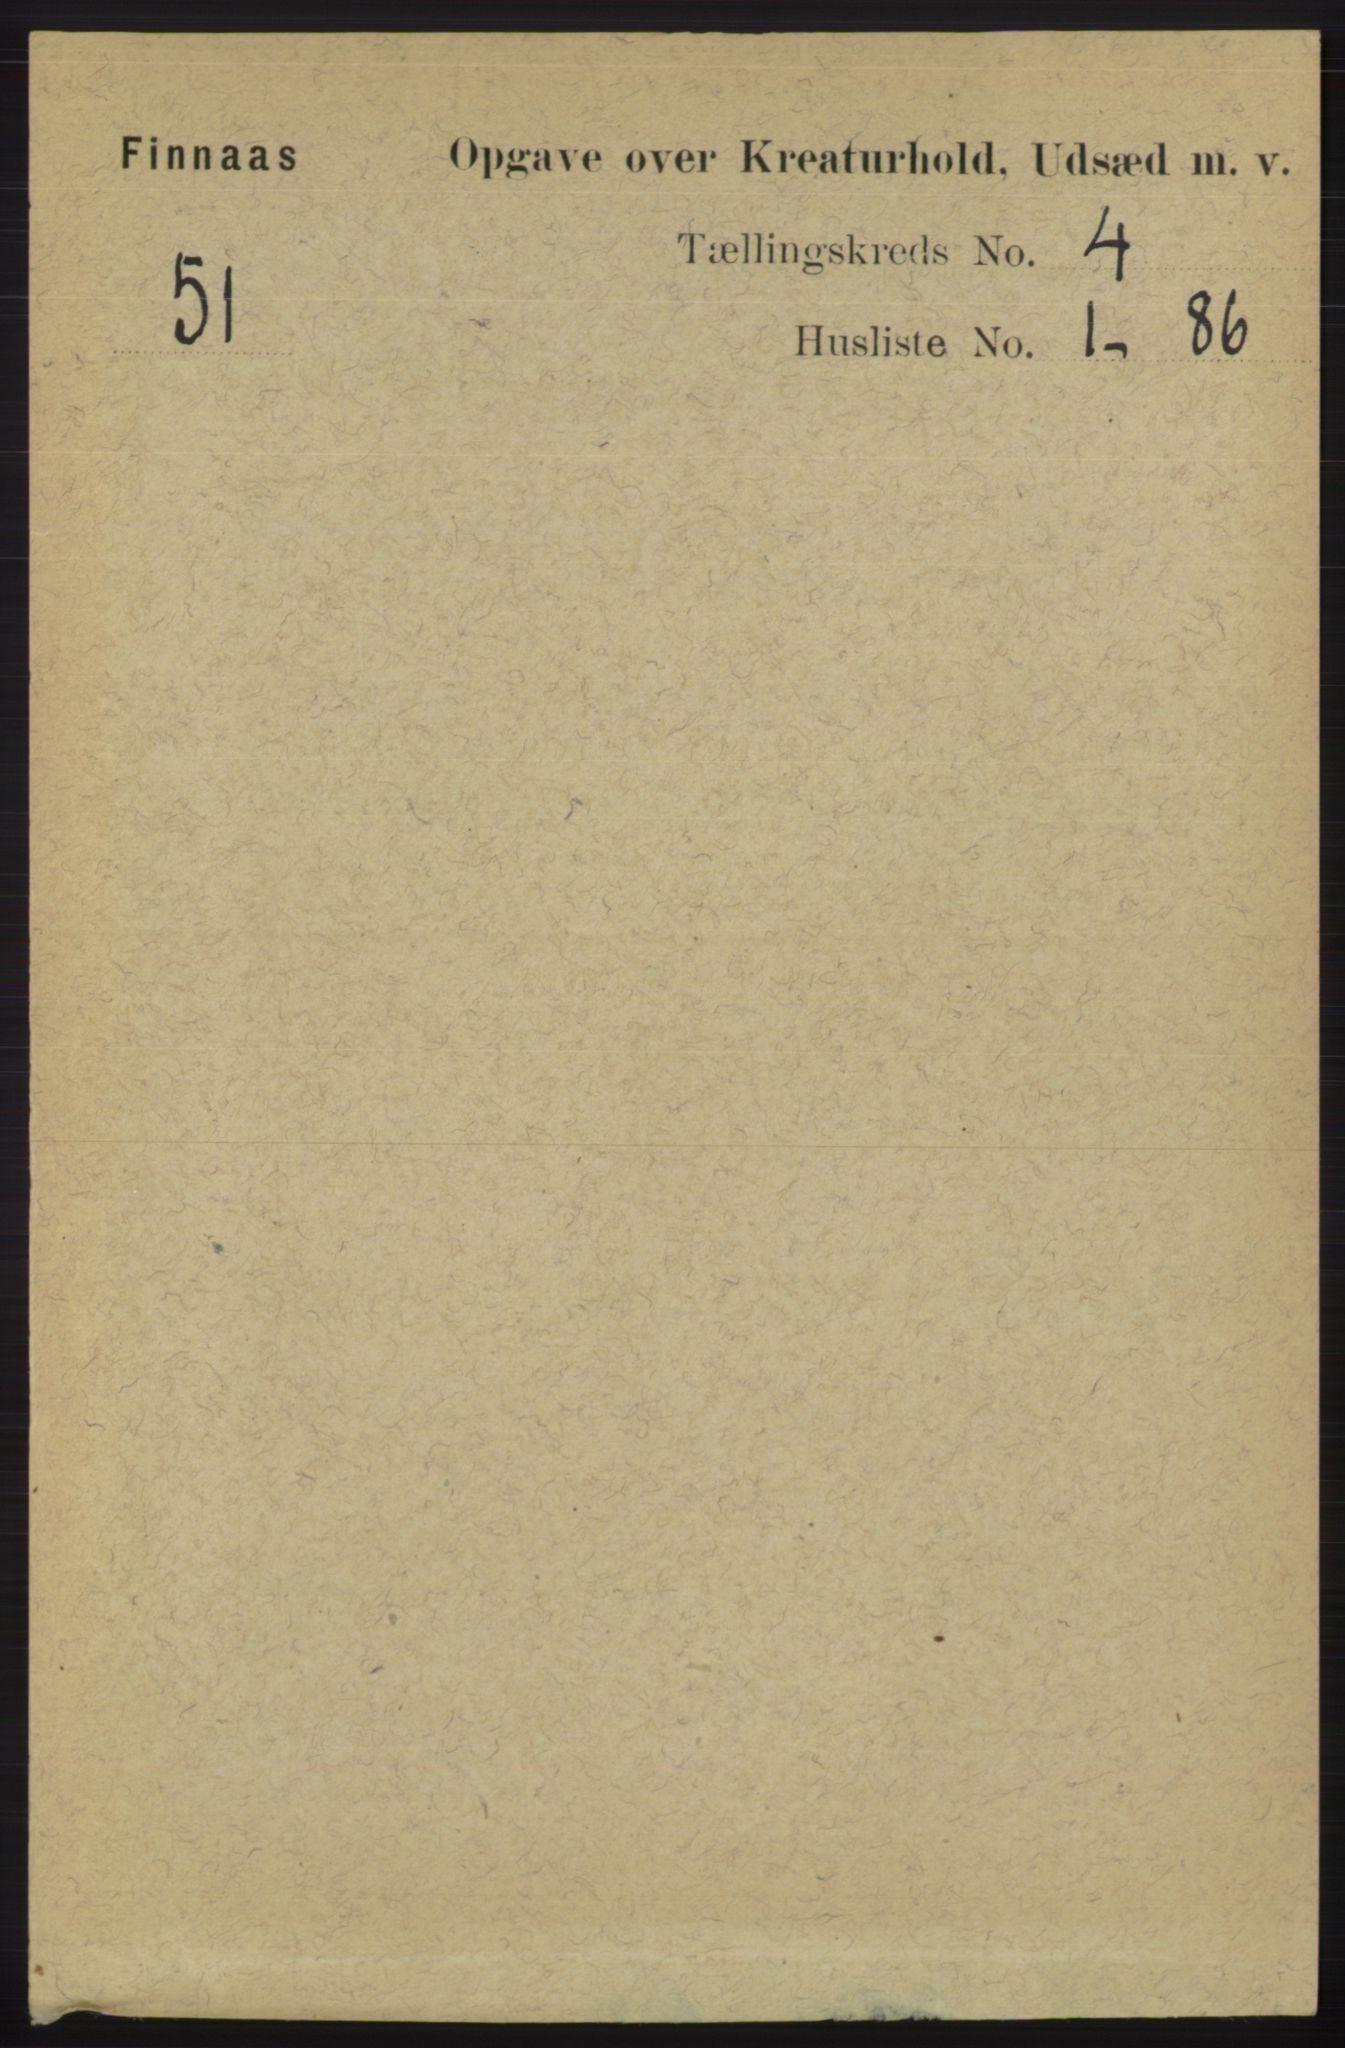 RA, Folketelling 1891 for 1218 Finnås herred, 1891, s. 6419